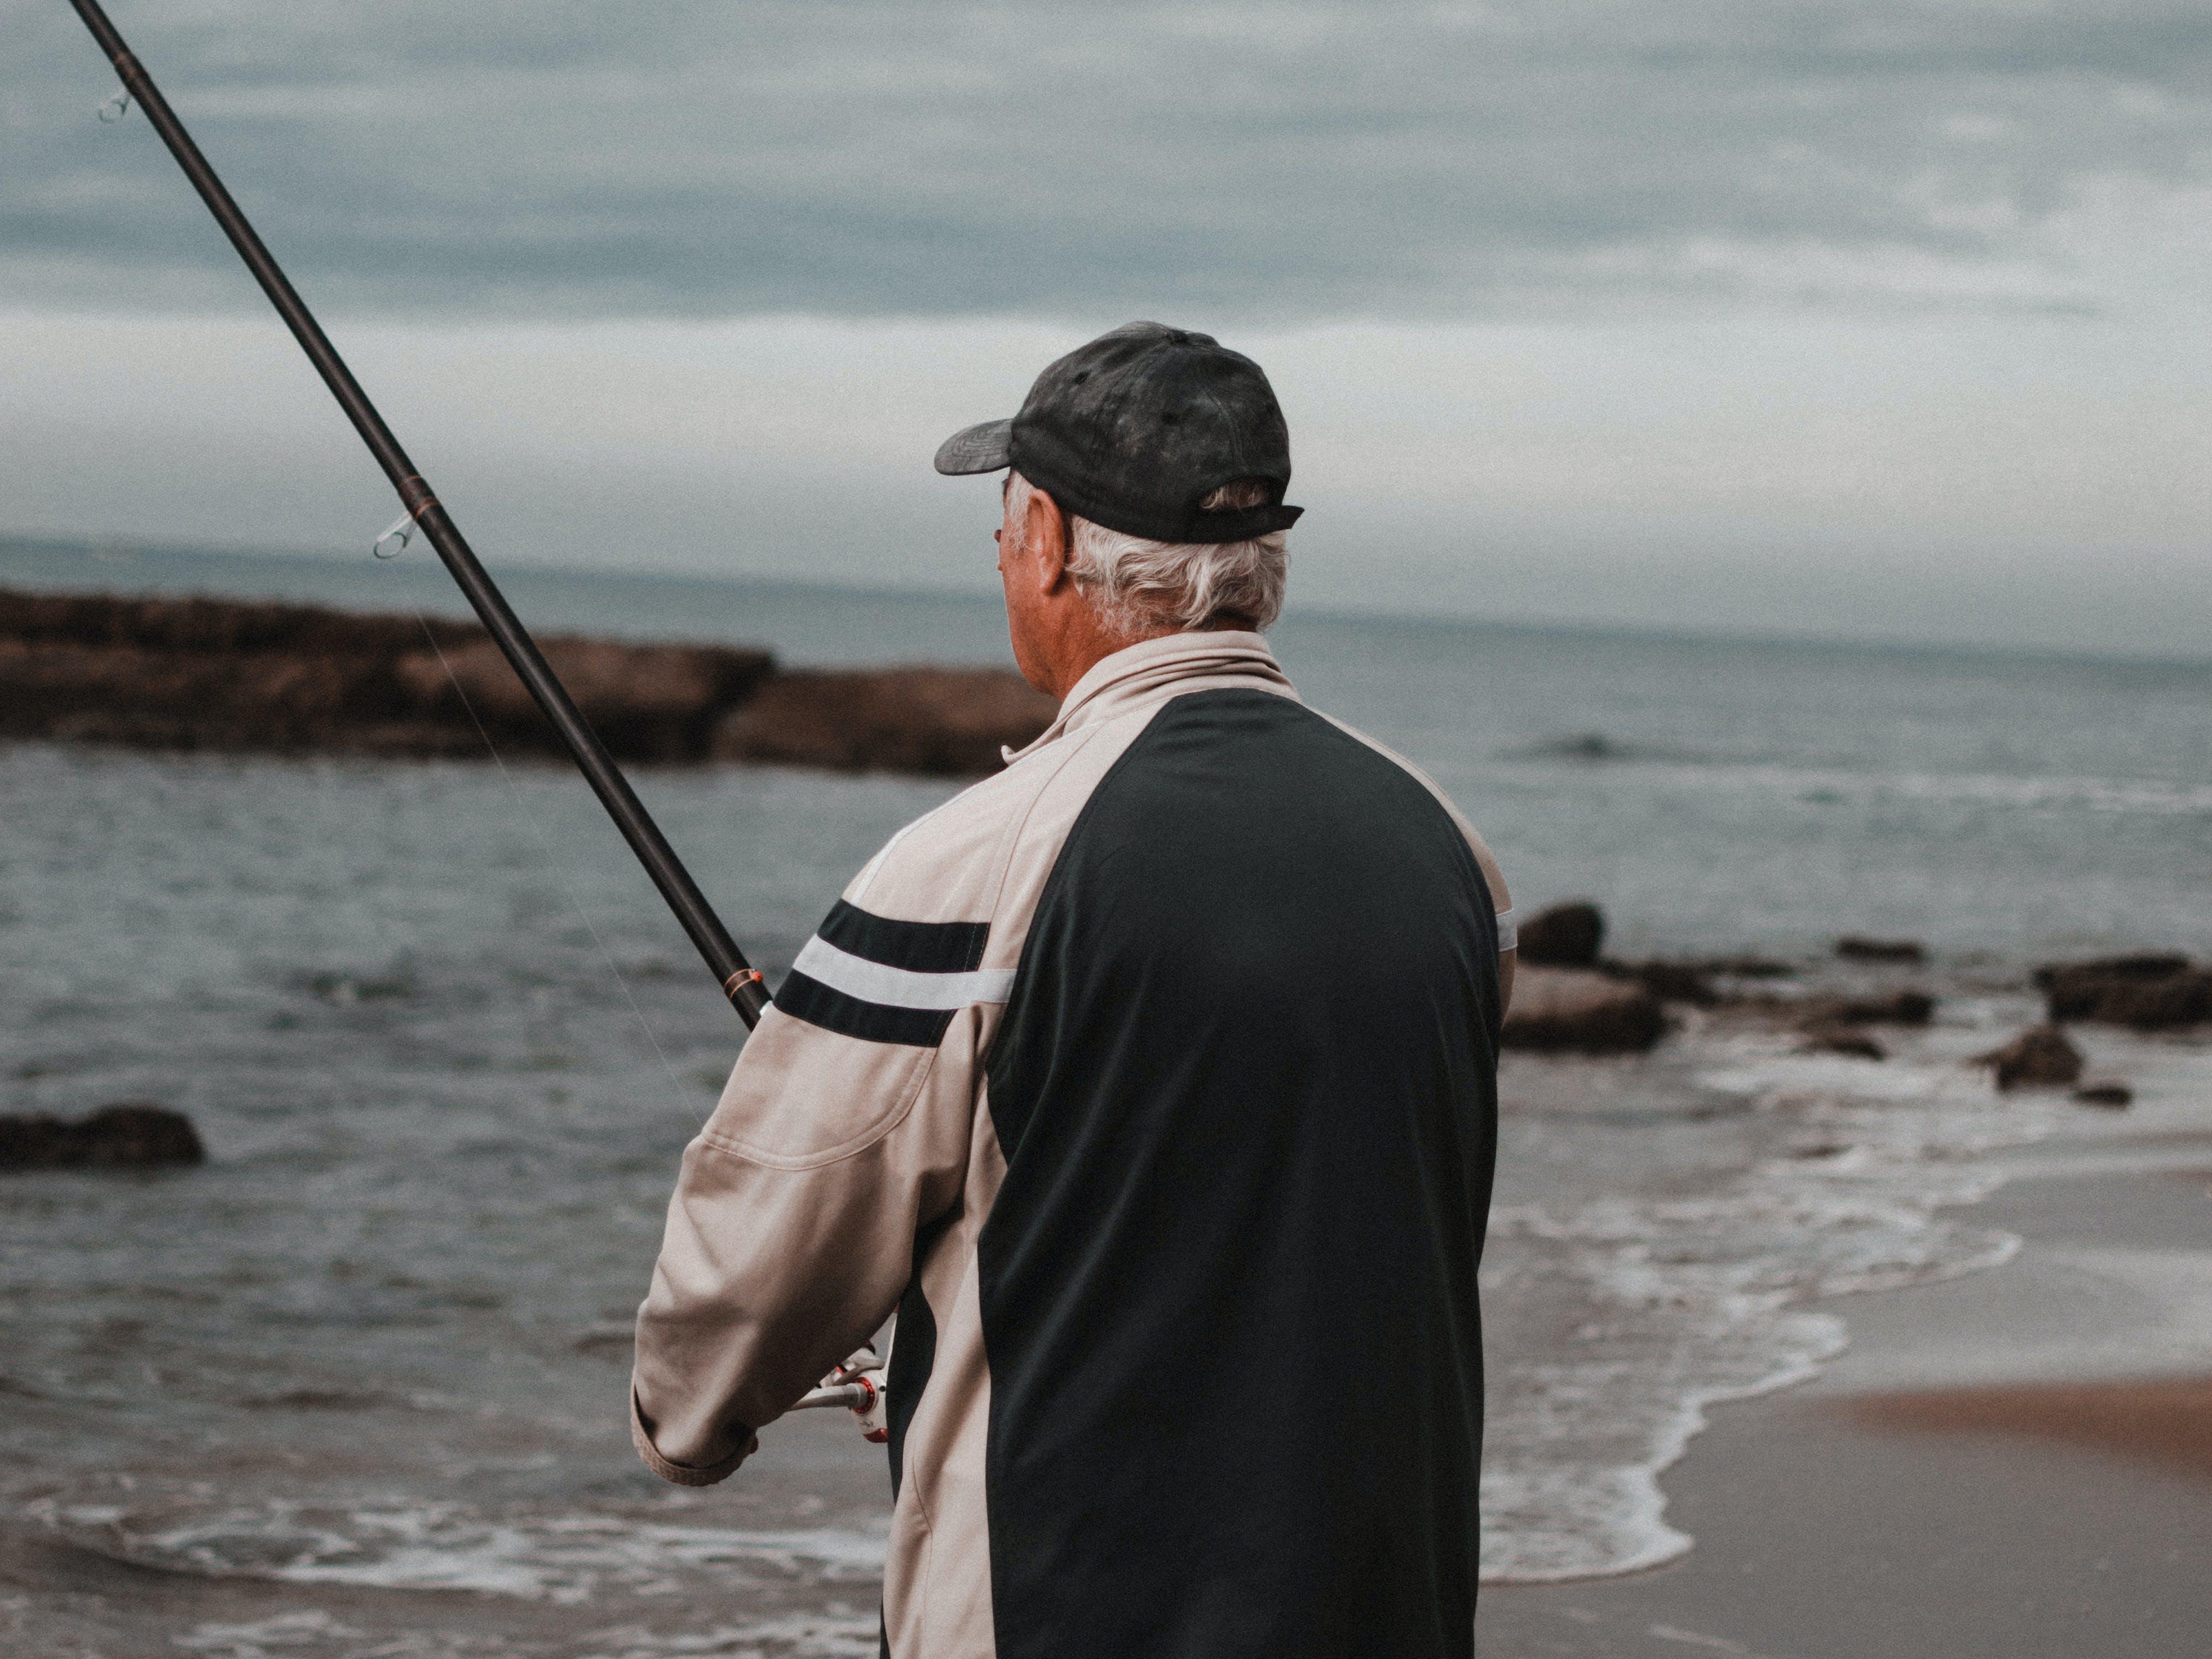 La pratique de la pêche, un loisir adapté aux seniors